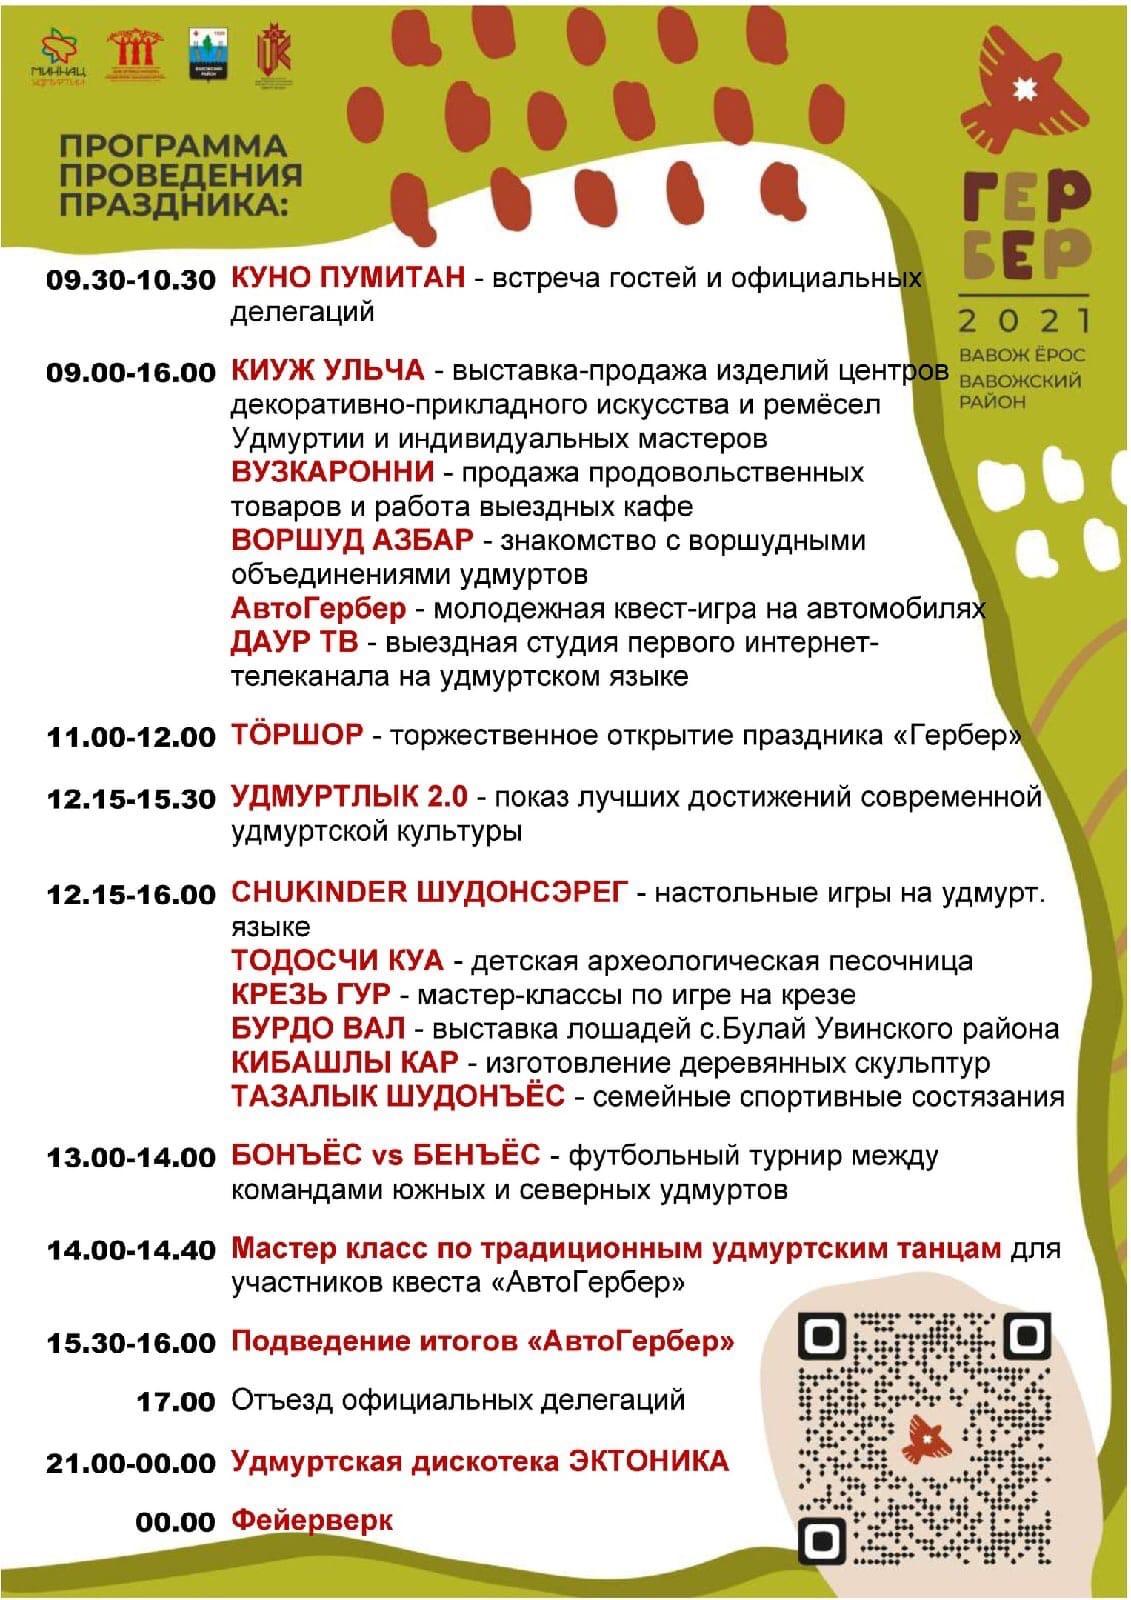 Национальный праздник «ГЕРБЕР» пройдёт в Удмуртии в